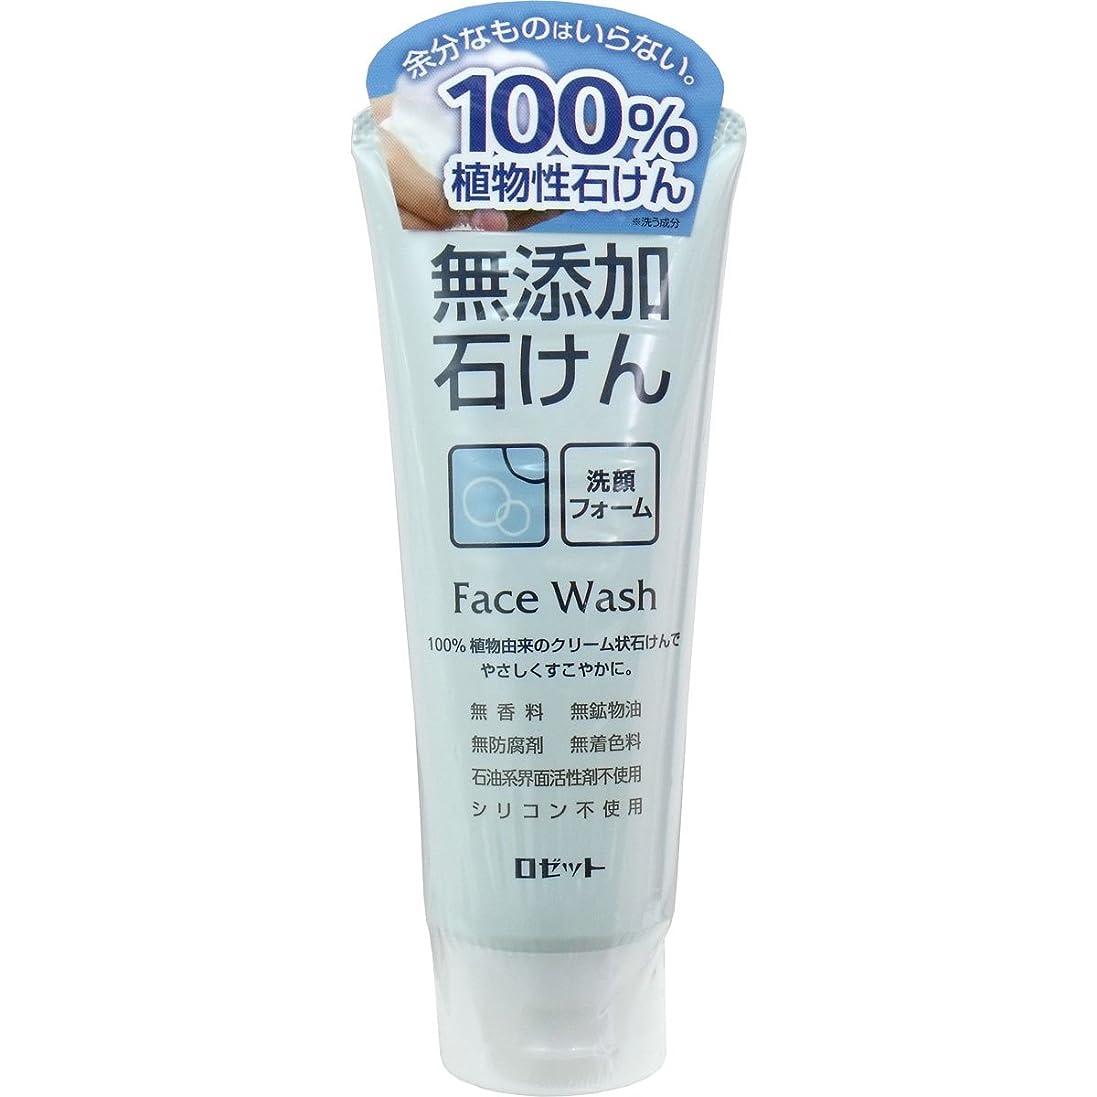 息子ラベ時々【ロゼット】無添加石けん 洗顔フォーム 140g ×5個セット